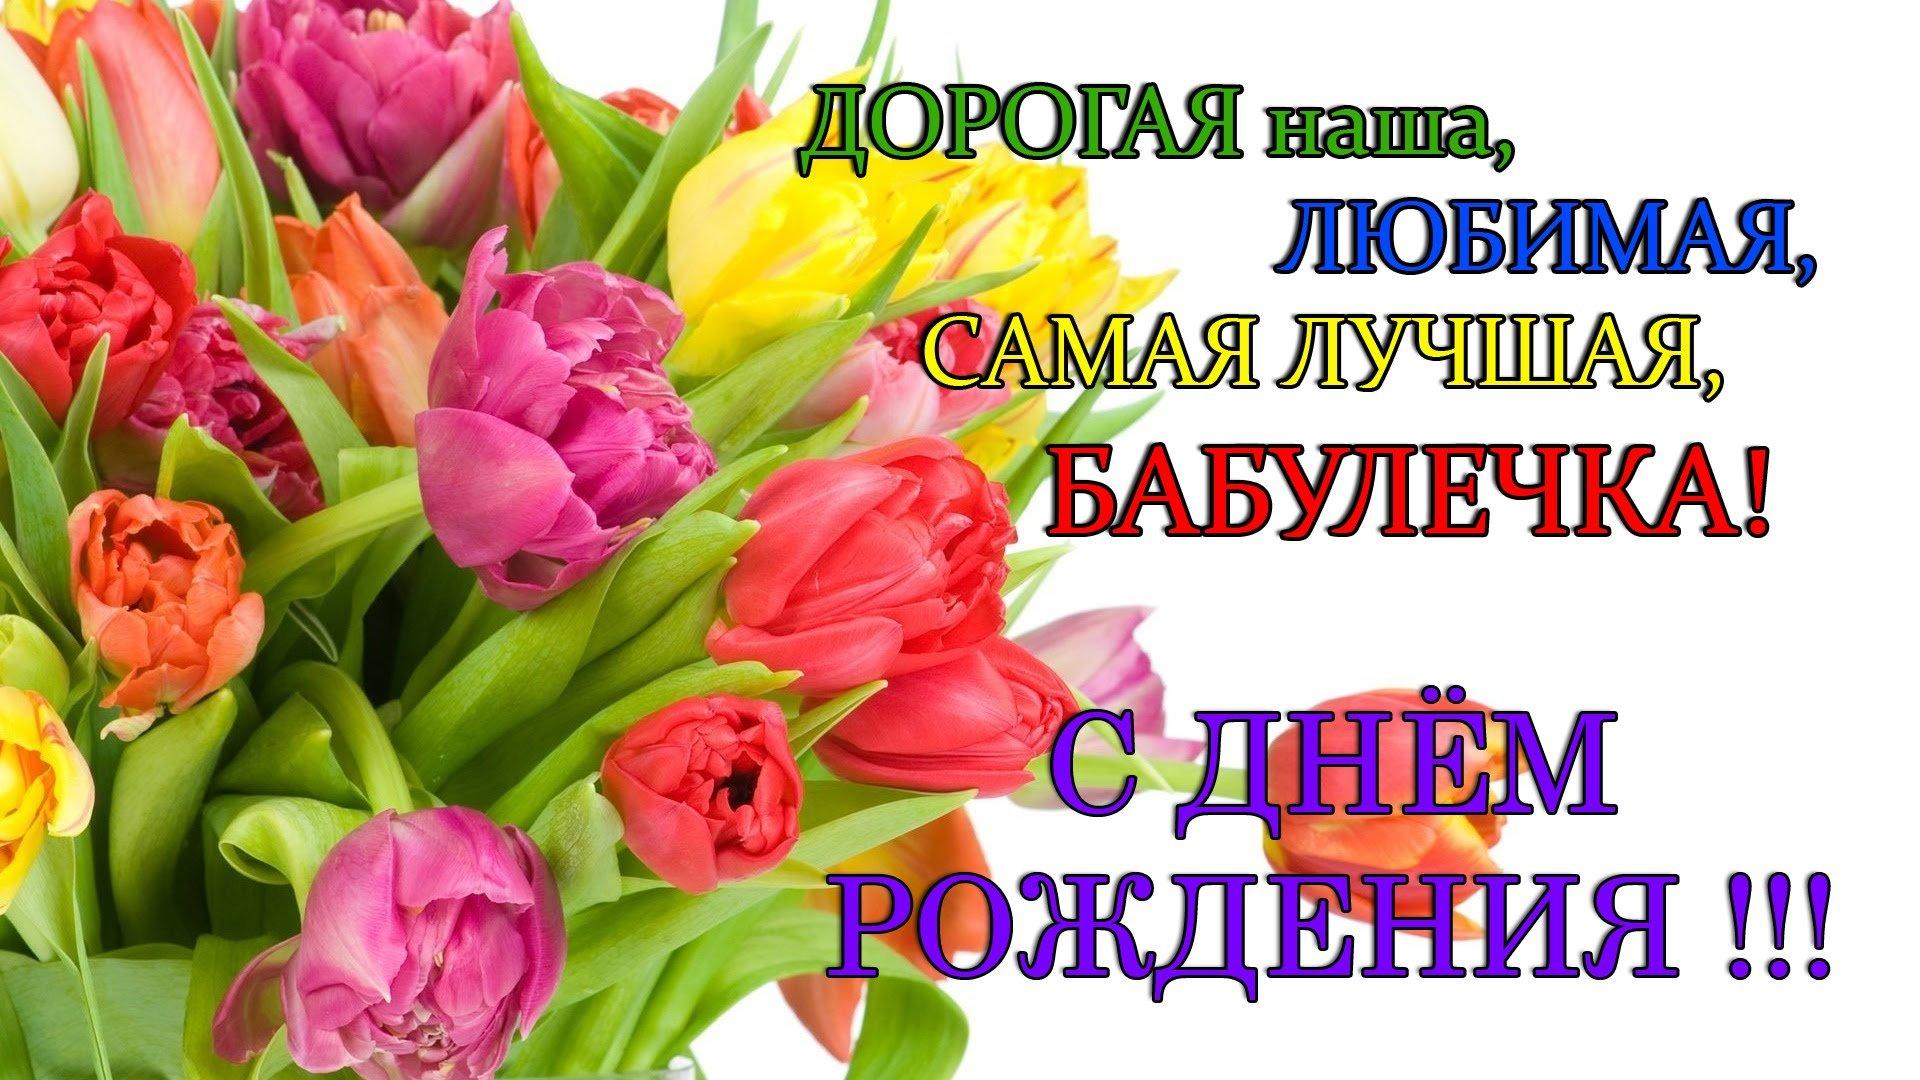 С днём рождения бабушка , картинки ,открытки с поздравлениями в стихах . С днём рождения бабушка ,картинки открытки с поздравлениями в стихах ,с цветами разноцветными , бабушка с днём рождения , стихи , проза ,добрые слова ,пожелания.